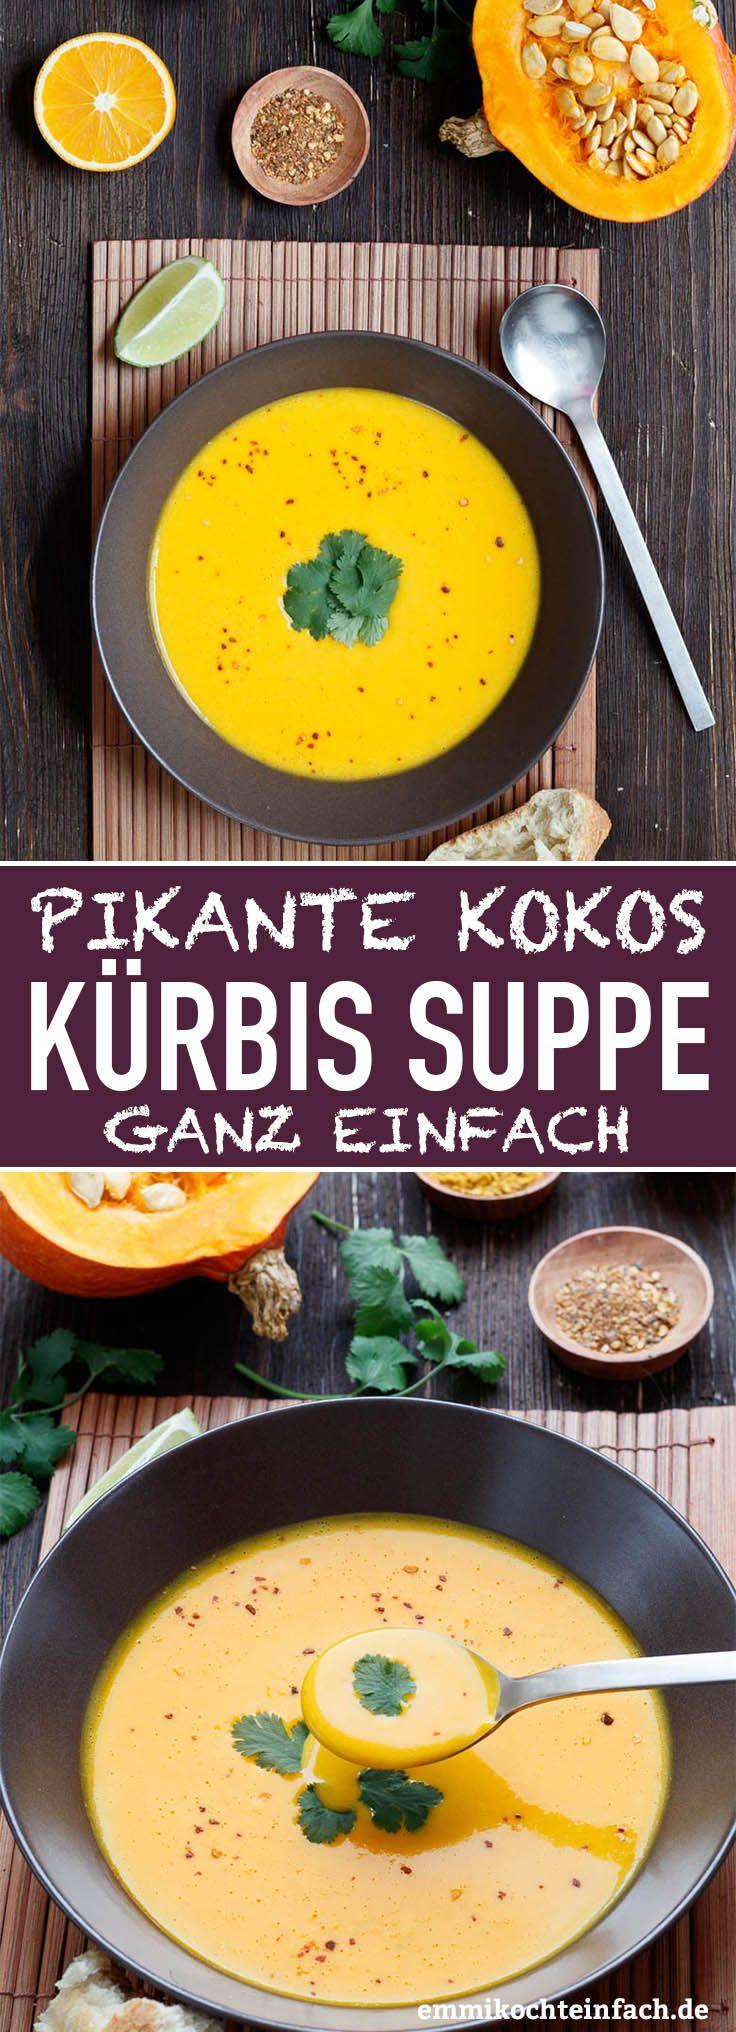 Photo of Kürbis Kokos Suppe – Pikant und asiatisch lecker – emmikochteinfach